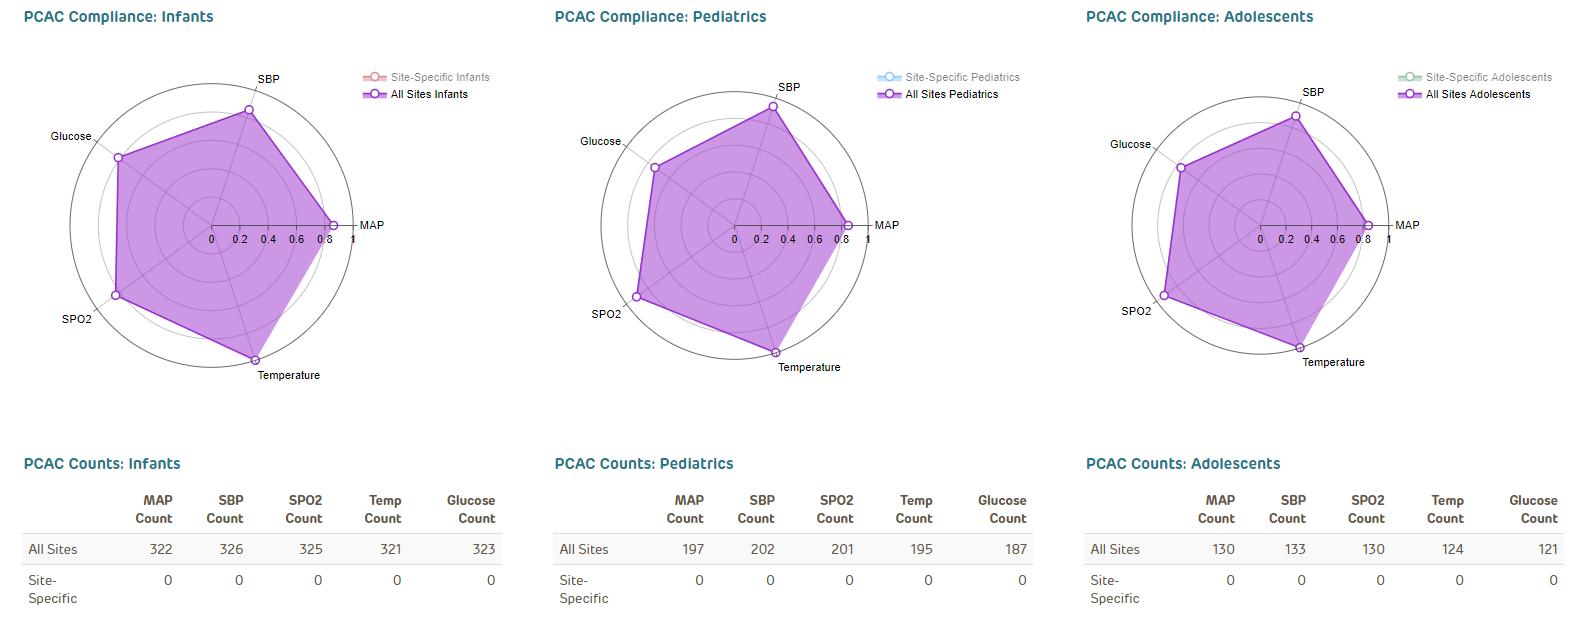 PCAC Compliance - April 2020